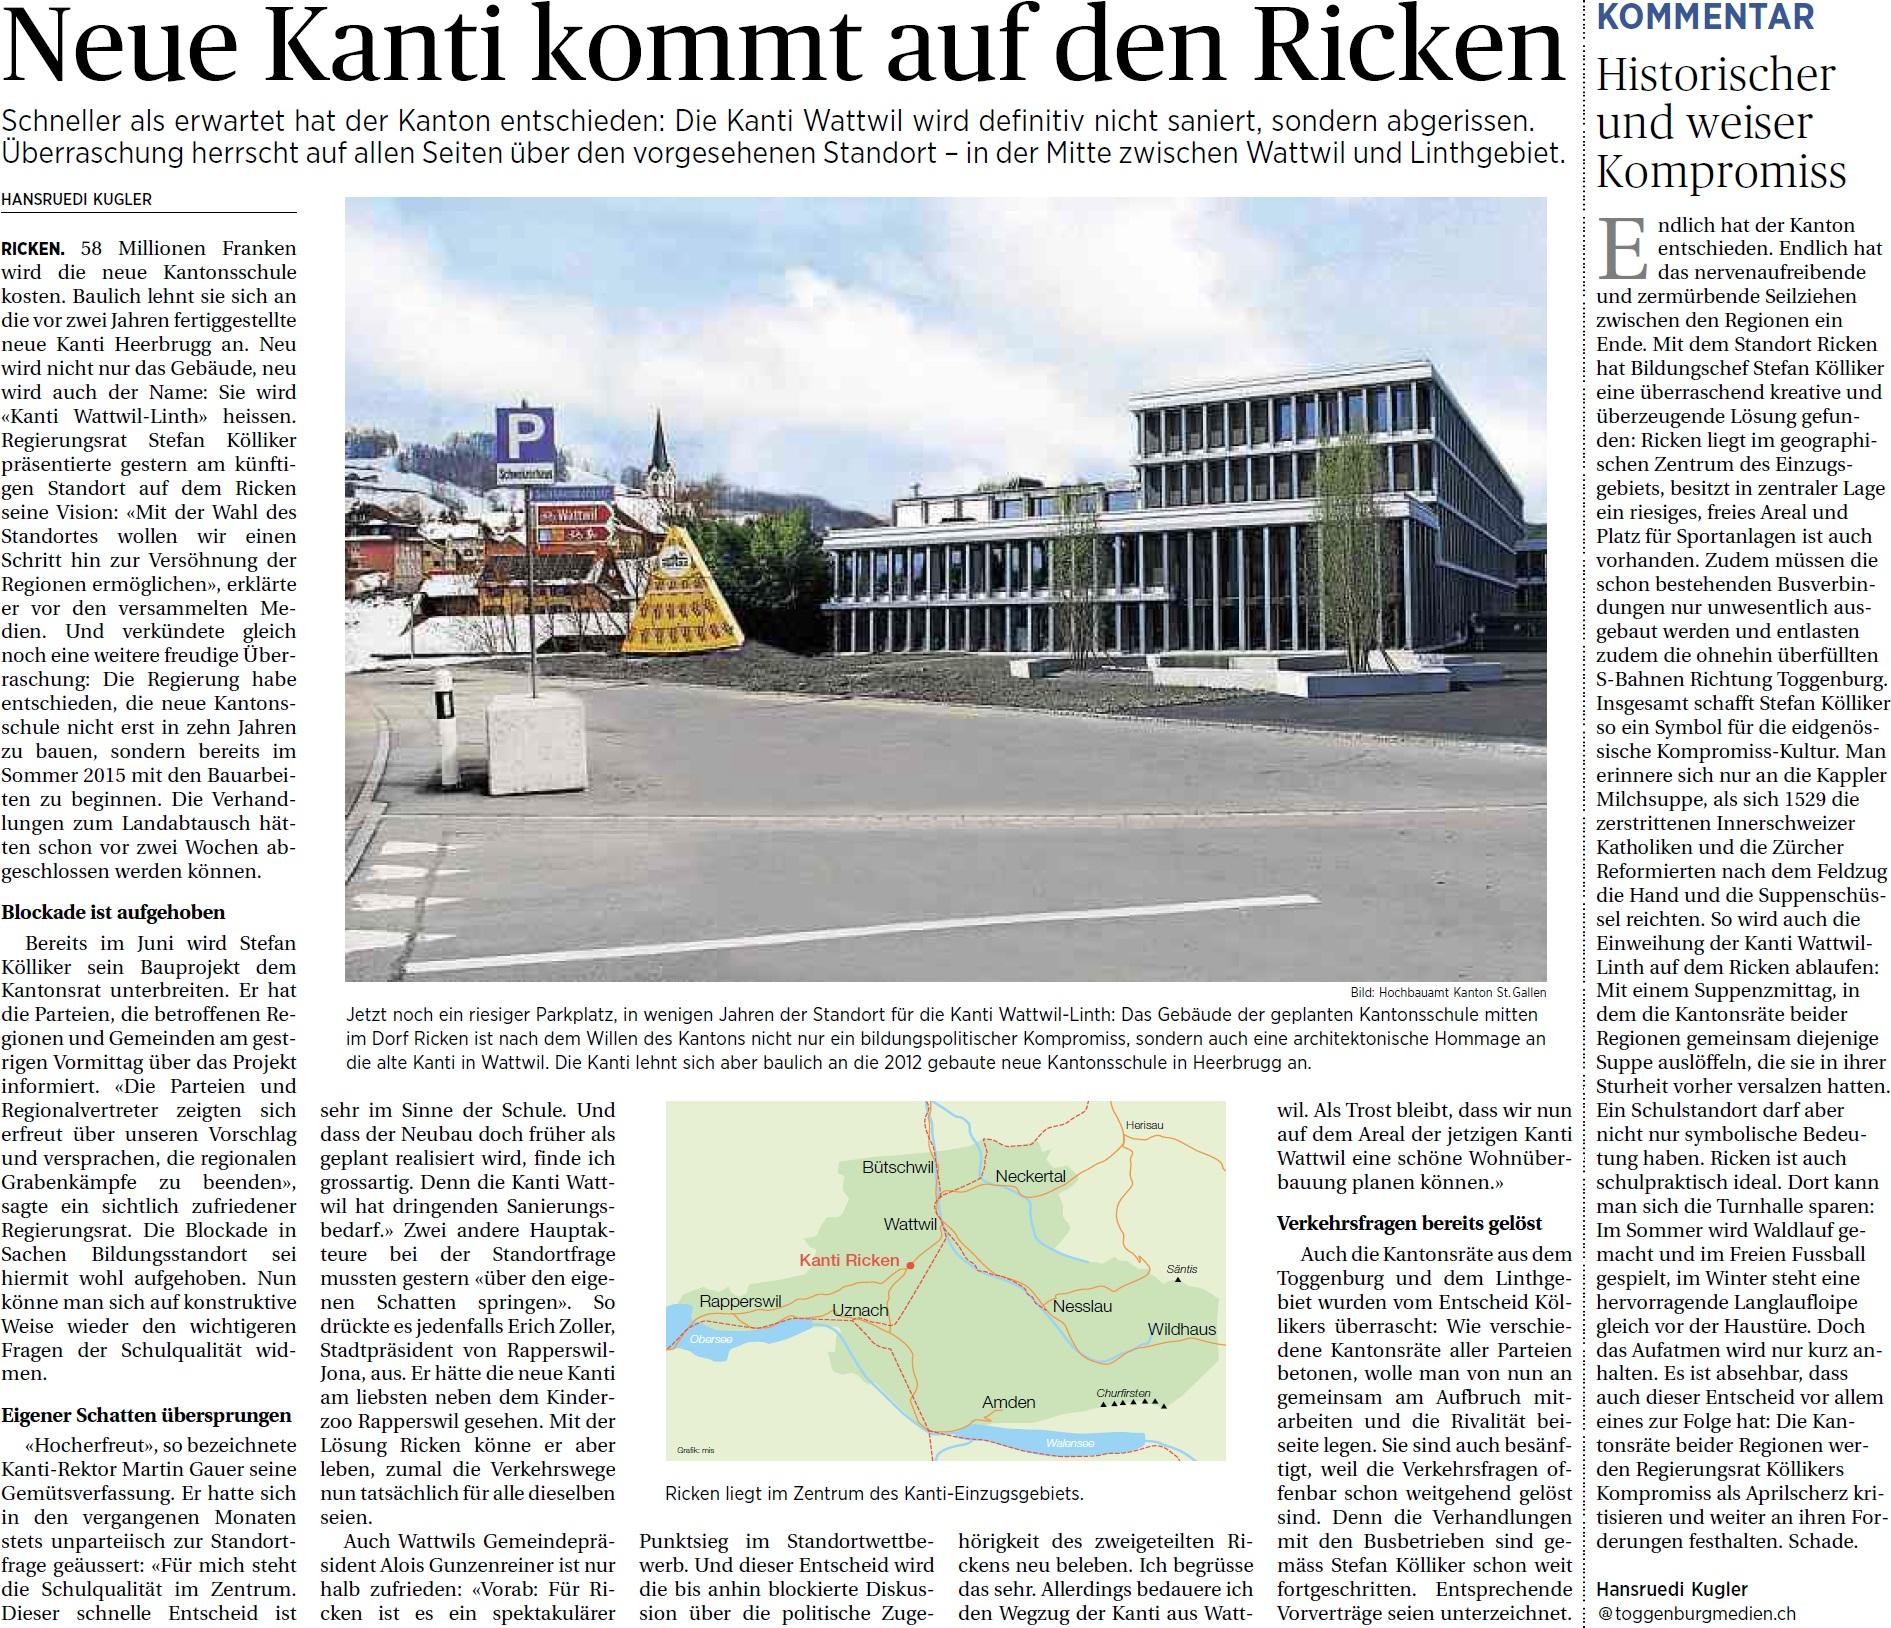 Neue Kanti kommt auf den Ricken (Dienstag, 01.04.2014)